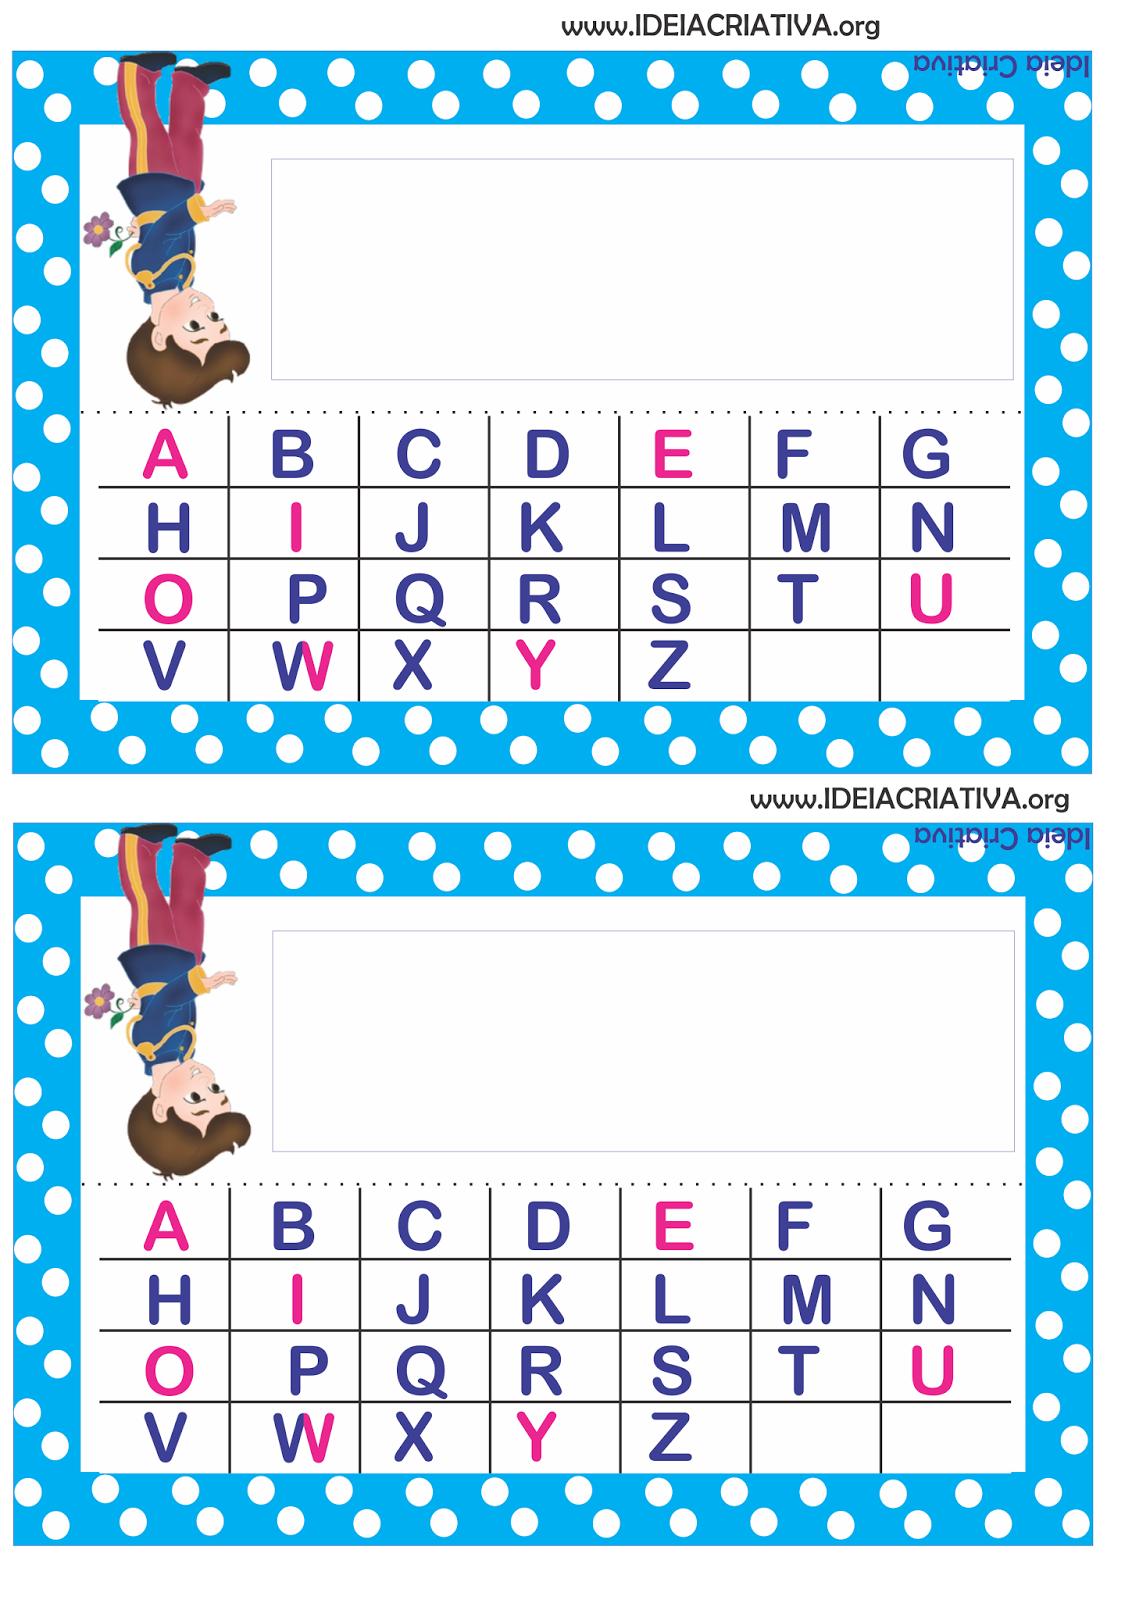 Crachás de Mesa Príncipe e Princesa com Alfabeto Bastão e  Cursivo